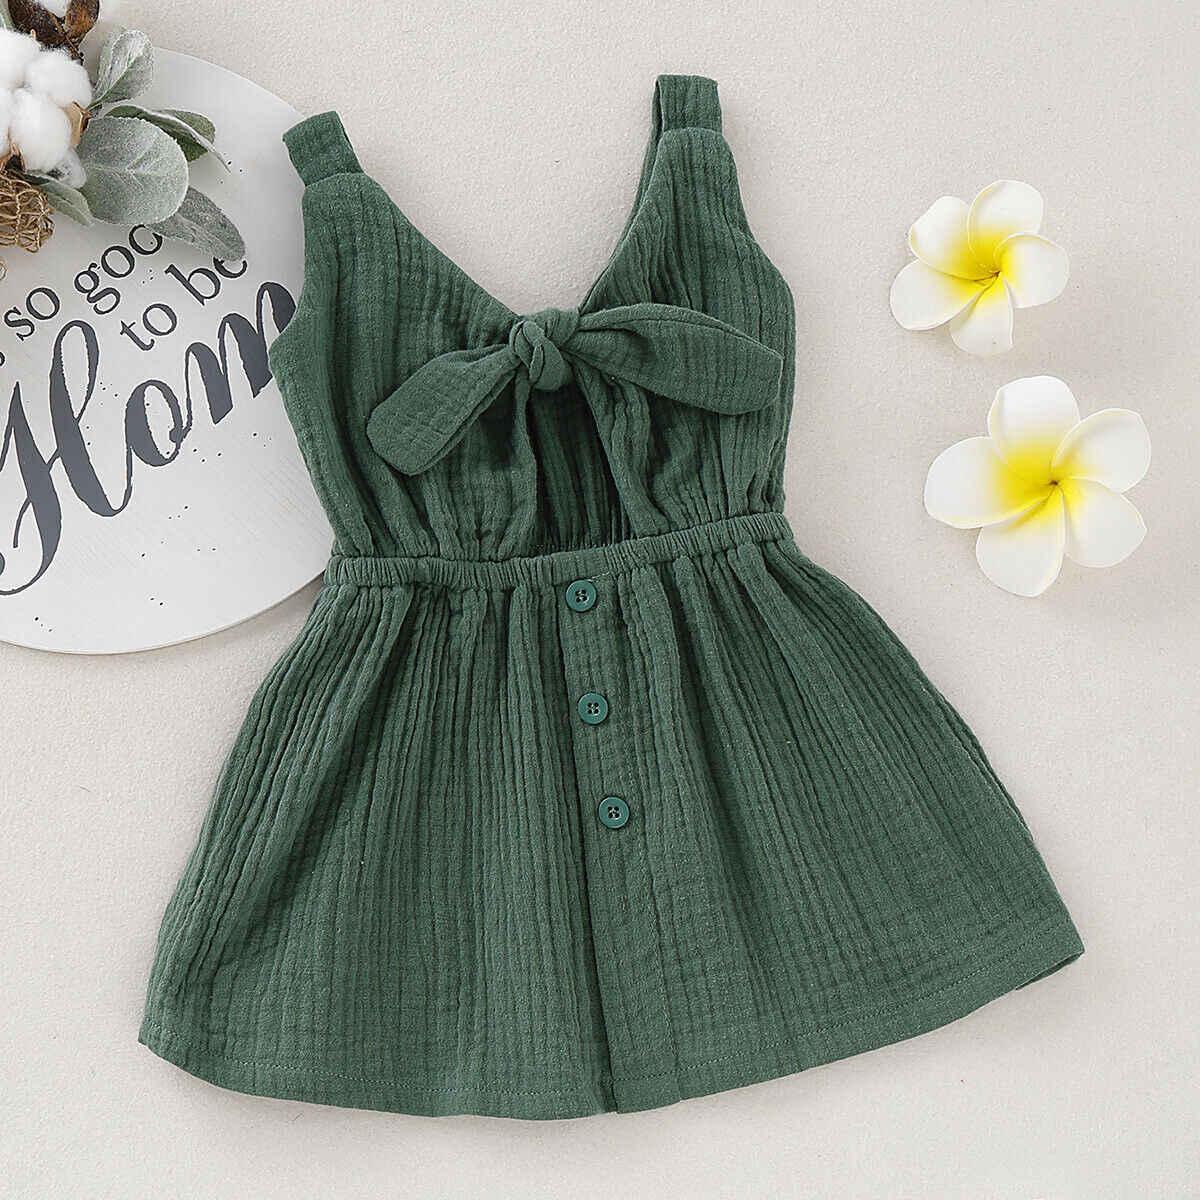 Pudcoco marka nowy maluch letnie dziecko sukienka dla dziewczynek bawełna i pościel jednolity kolor sukienka na imprezę Sundress